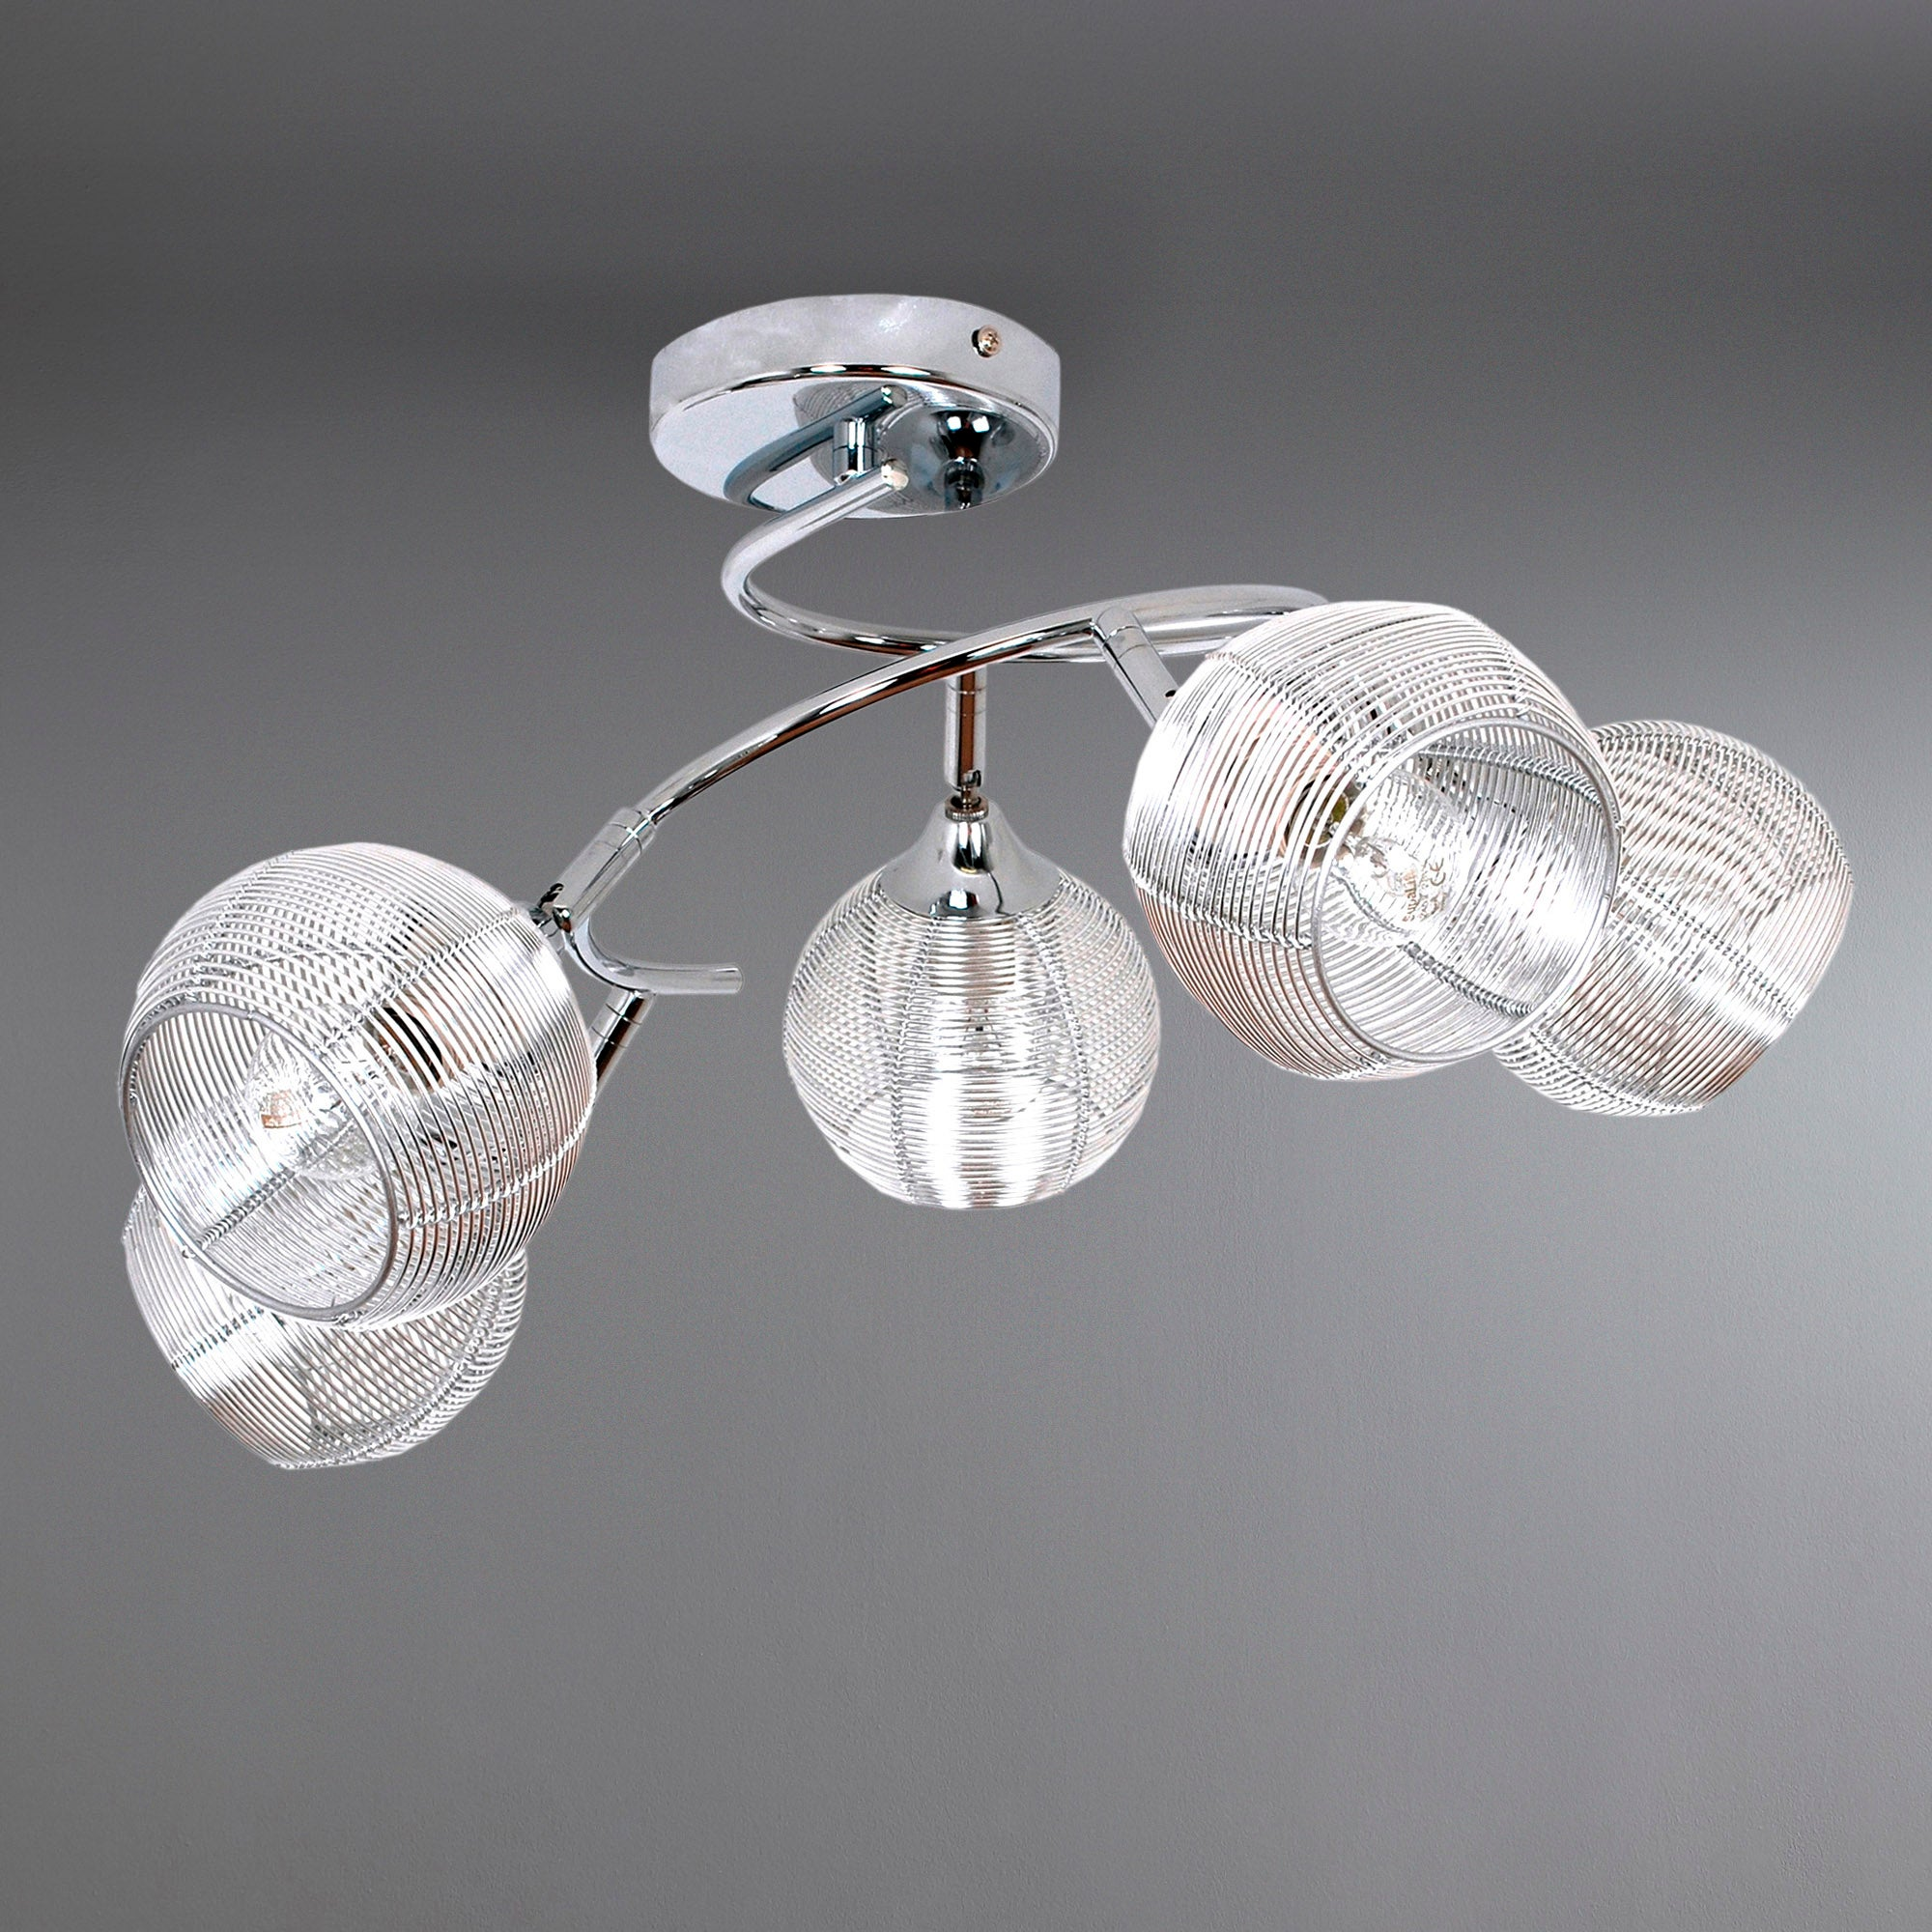 frankie 5 light ceiling fitting dunelm. Black Bedroom Furniture Sets. Home Design Ideas